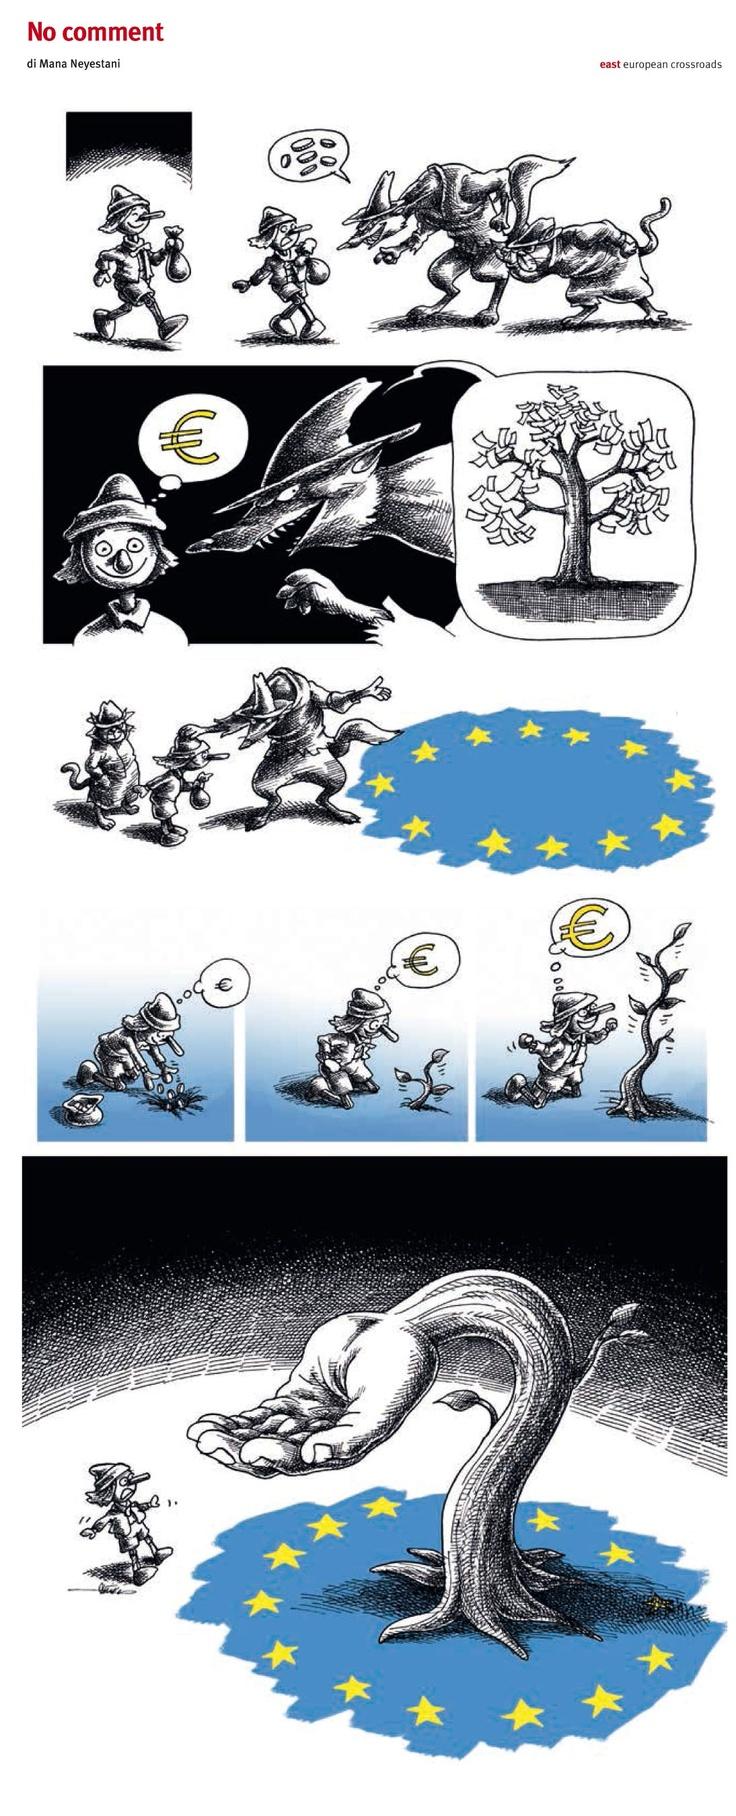 """""""No comment"""" #VersoEastForum2013 Ringraziamo East Rivista Di Geopolitica per la gentile concessione di questa vignetta di Mana Neyestani, pubblicata sul numero 47 di maggio/giugno 2013."""